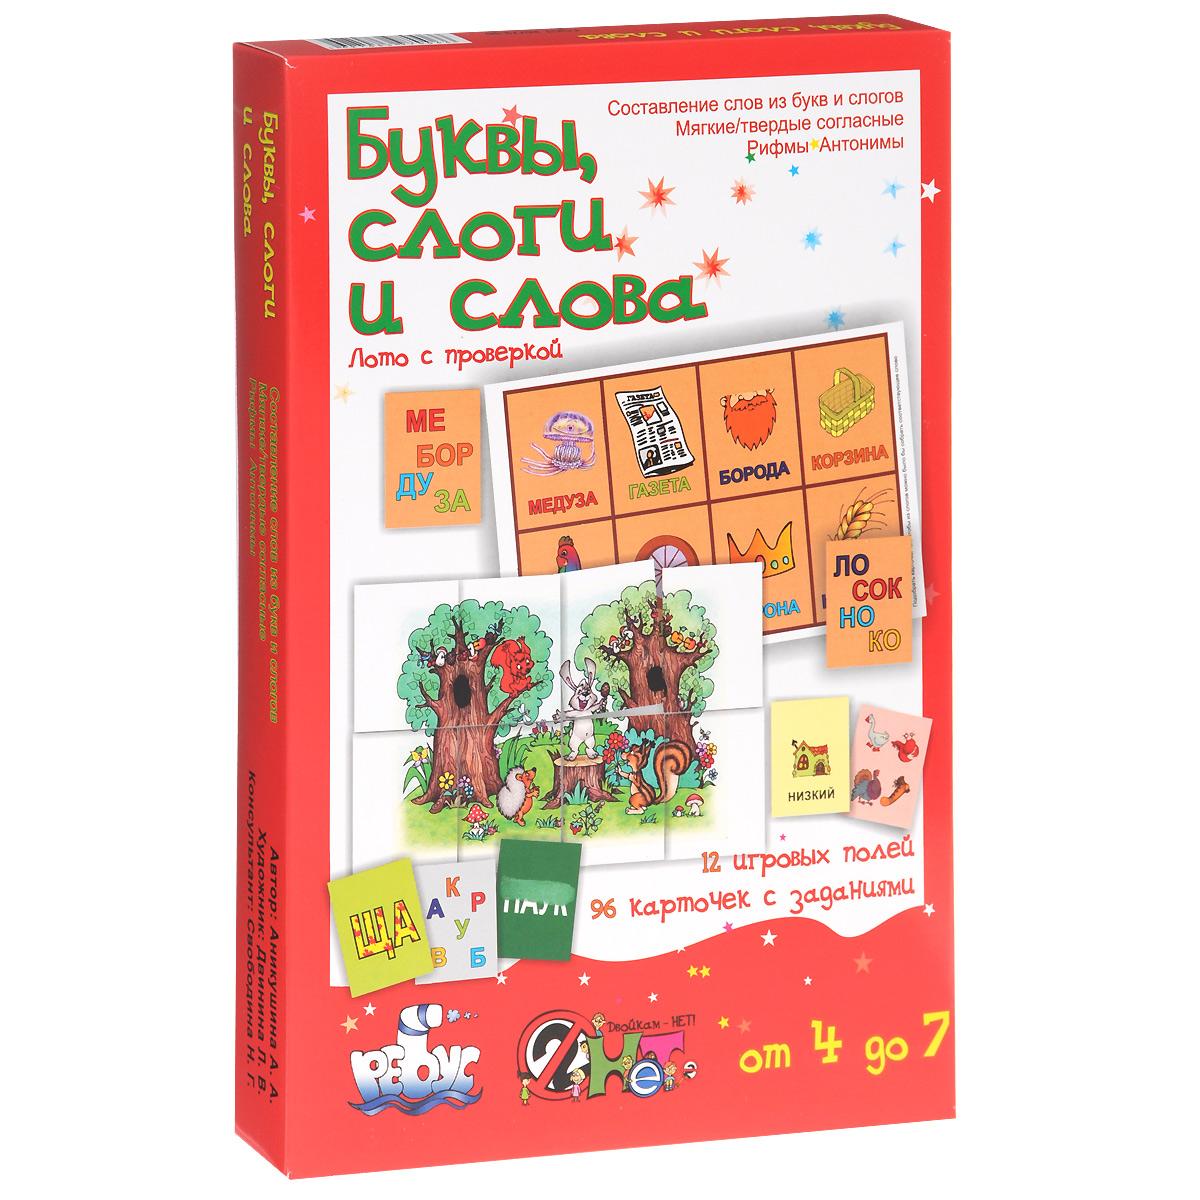 Буквы, слоги и слова. Лото (набор из 96 карточек и 12 игровых полей)